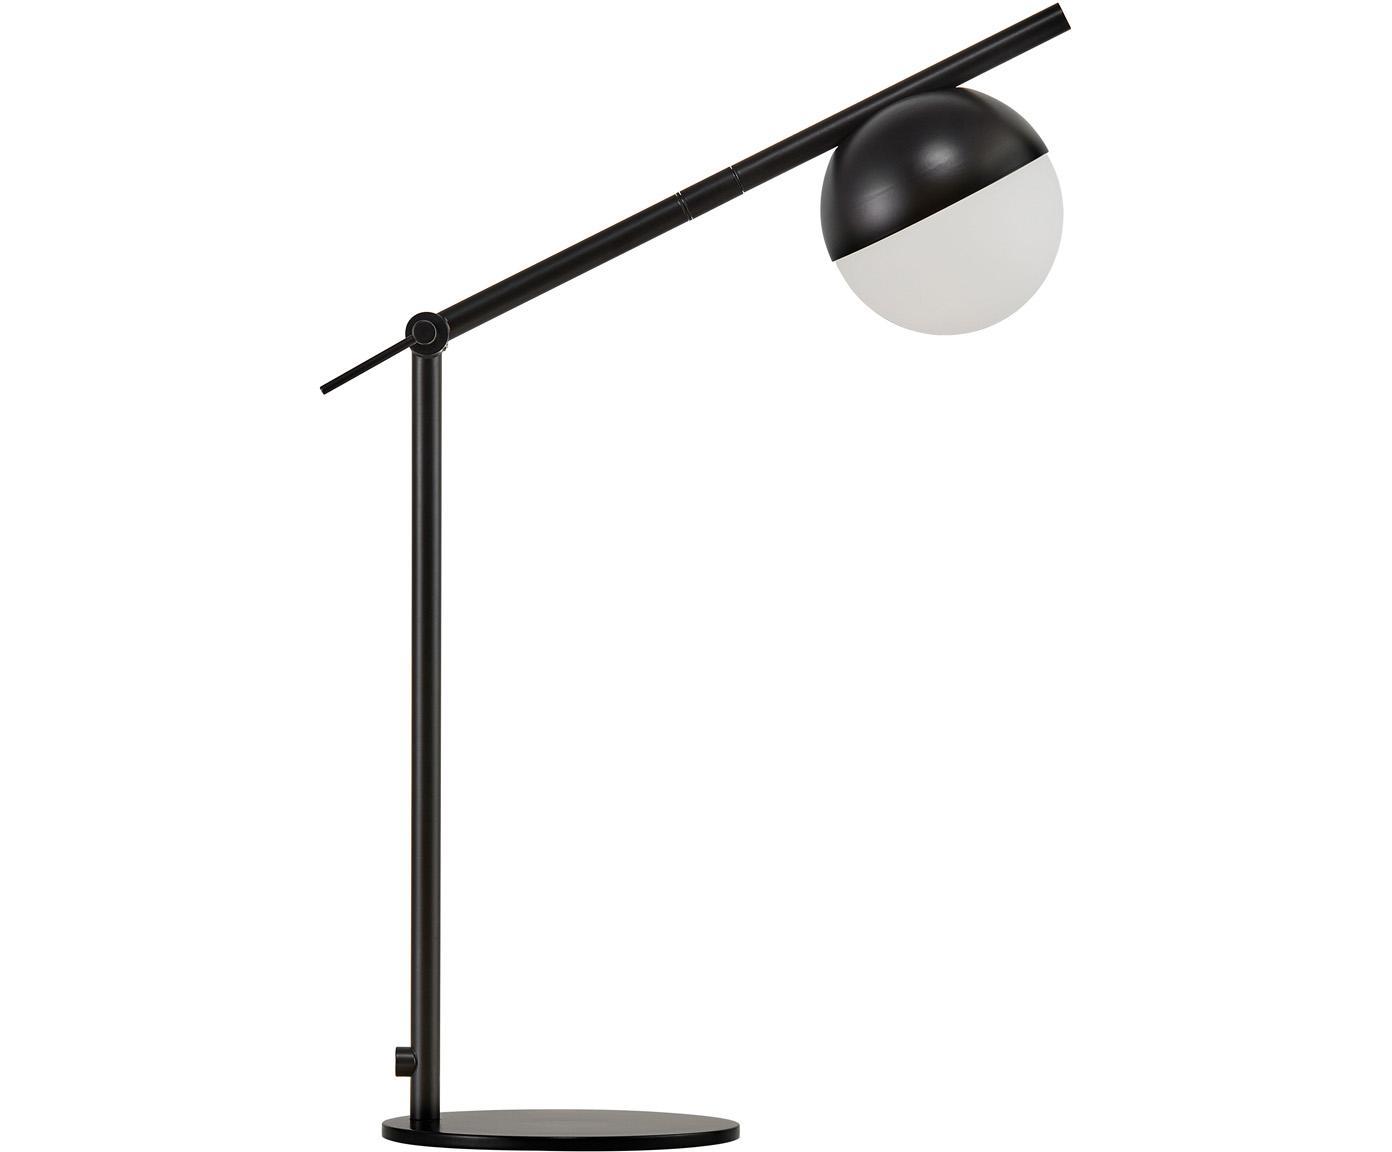 Lámpara de escritorio con vidrio opalino Contina, Pantalla: vidrio opalino, Blanco, negro, An 15 x Al 49 cm